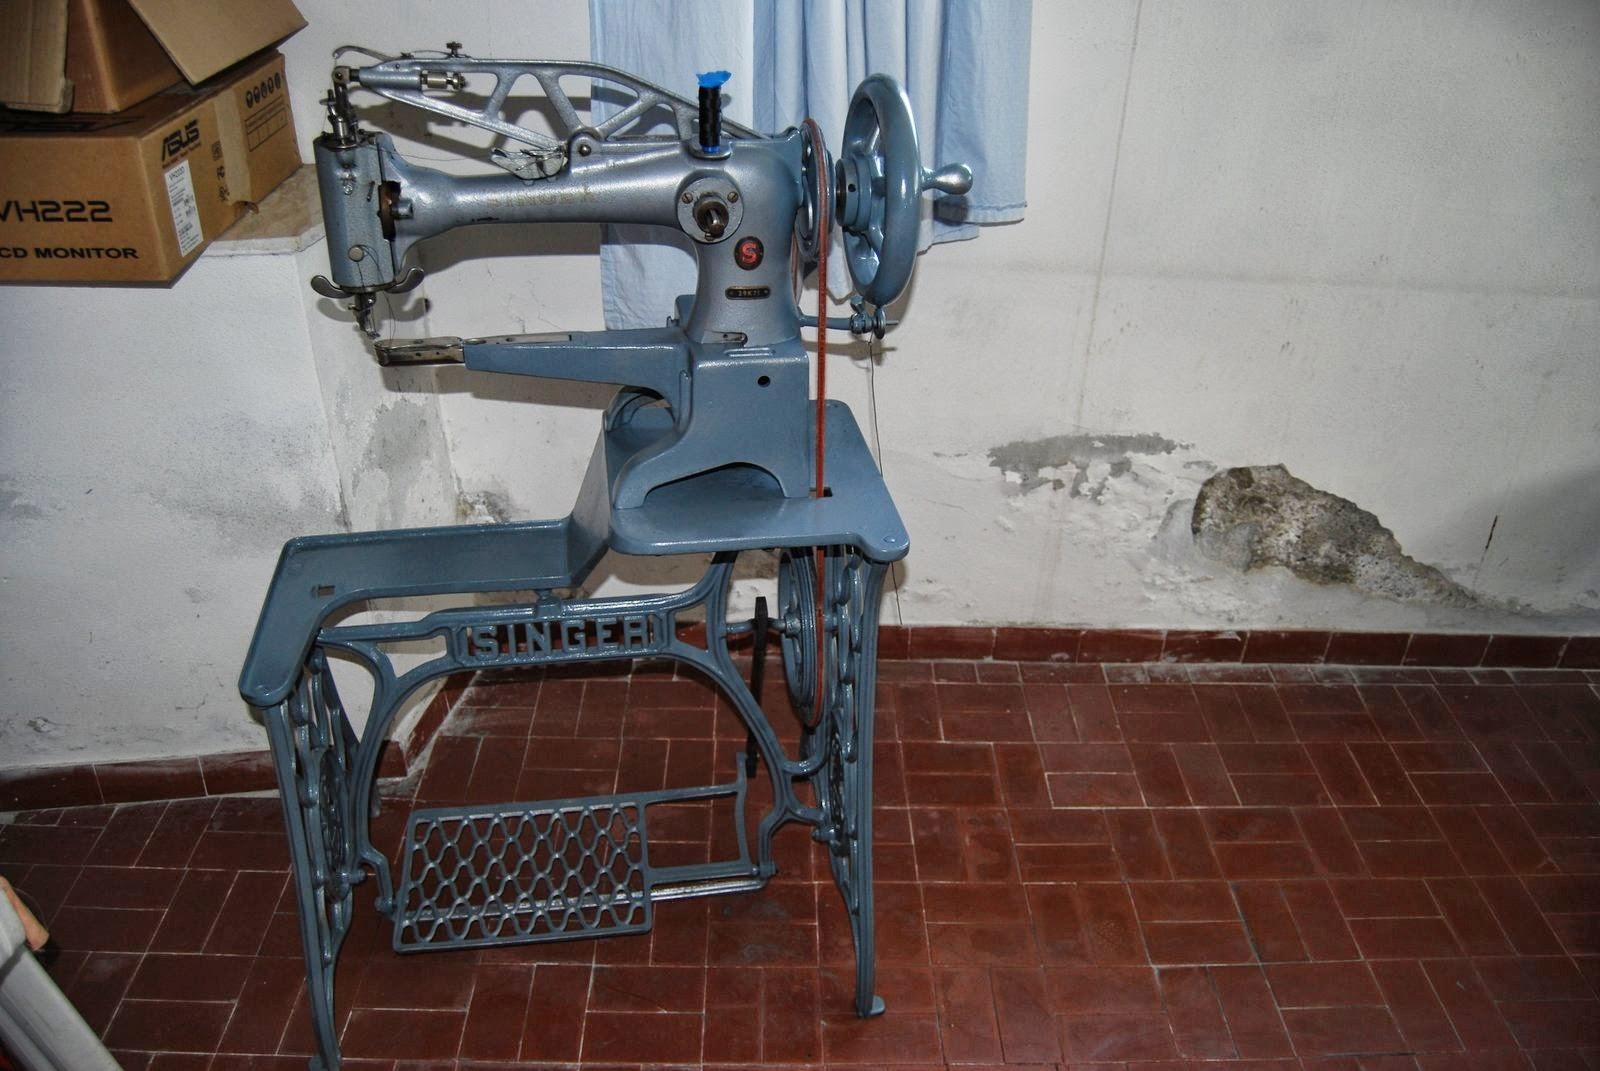 Le zampogne di attilio macchina singer per cucire da calzolai for Macchina per cucire da calzolaio